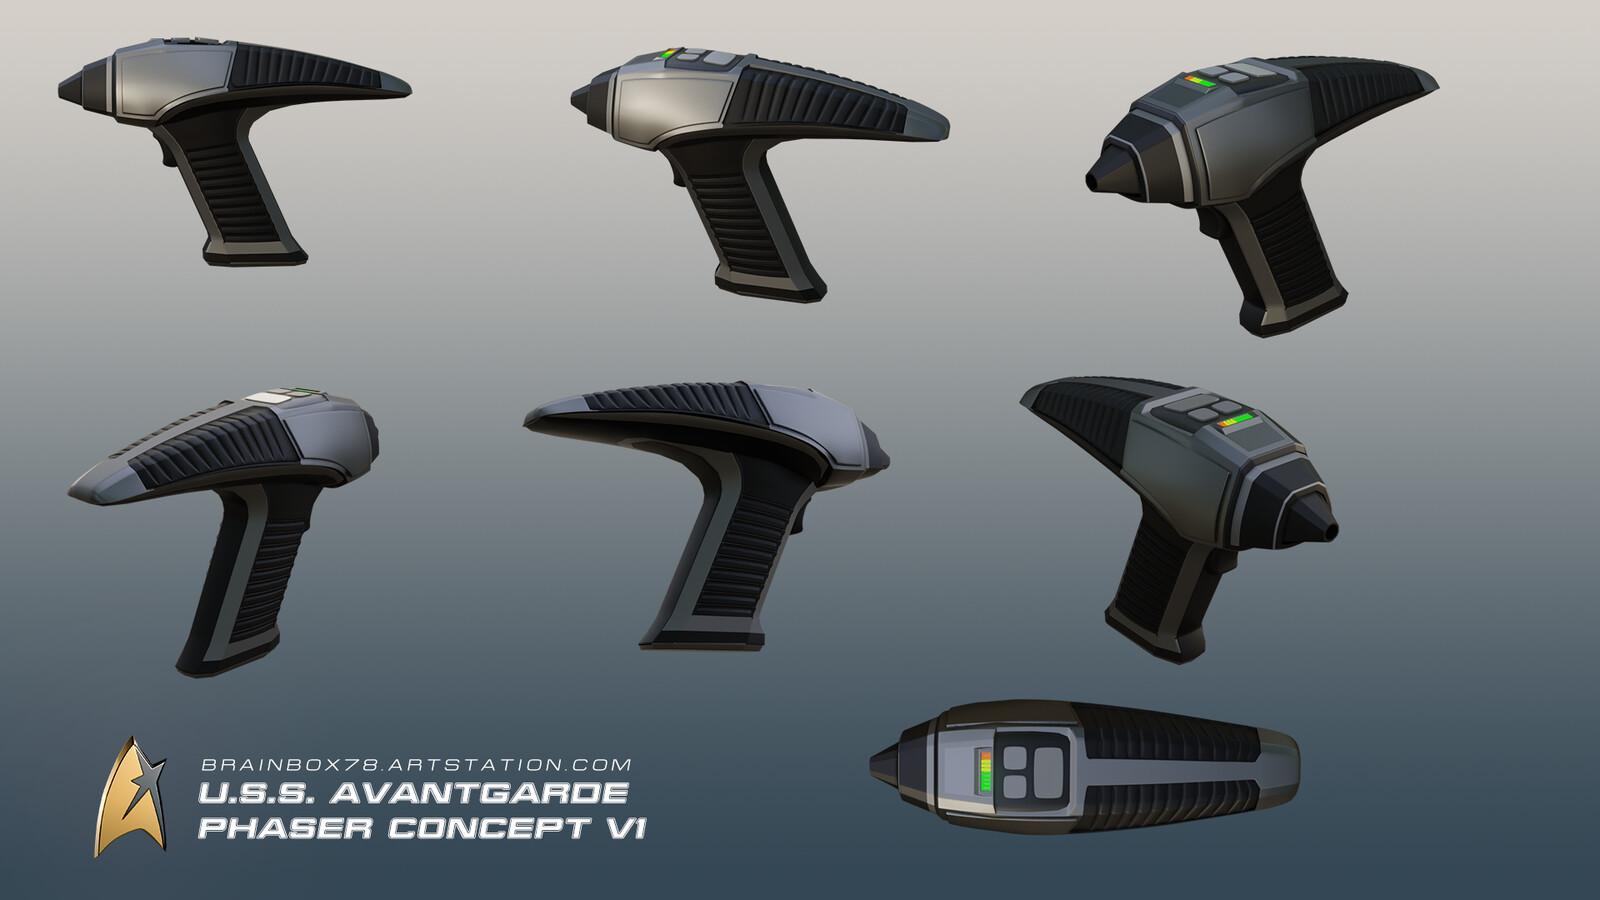 Phaser Concept V1